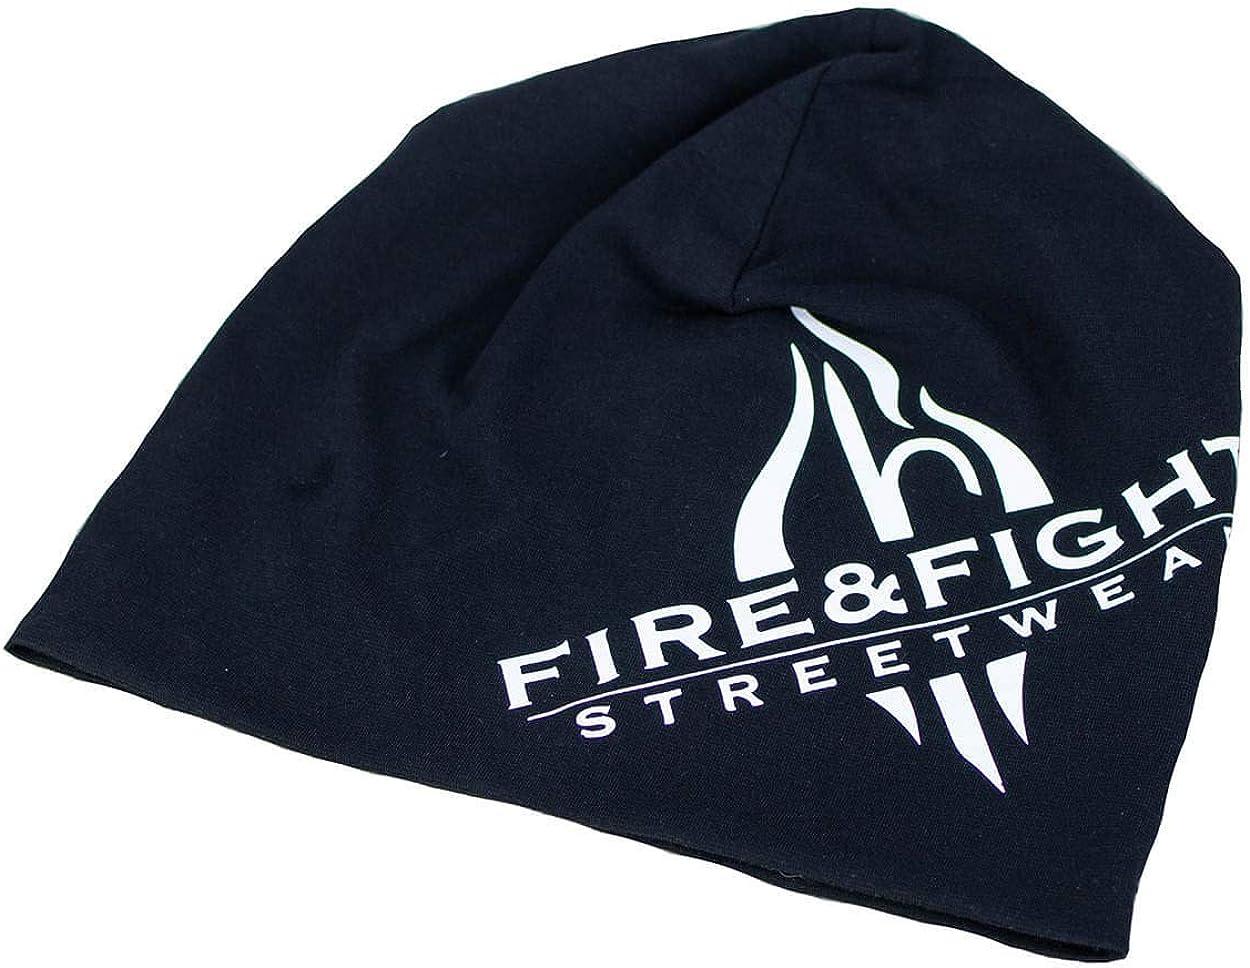 FIRE /& FIGHT Streetwear Jersey-Beanie Black